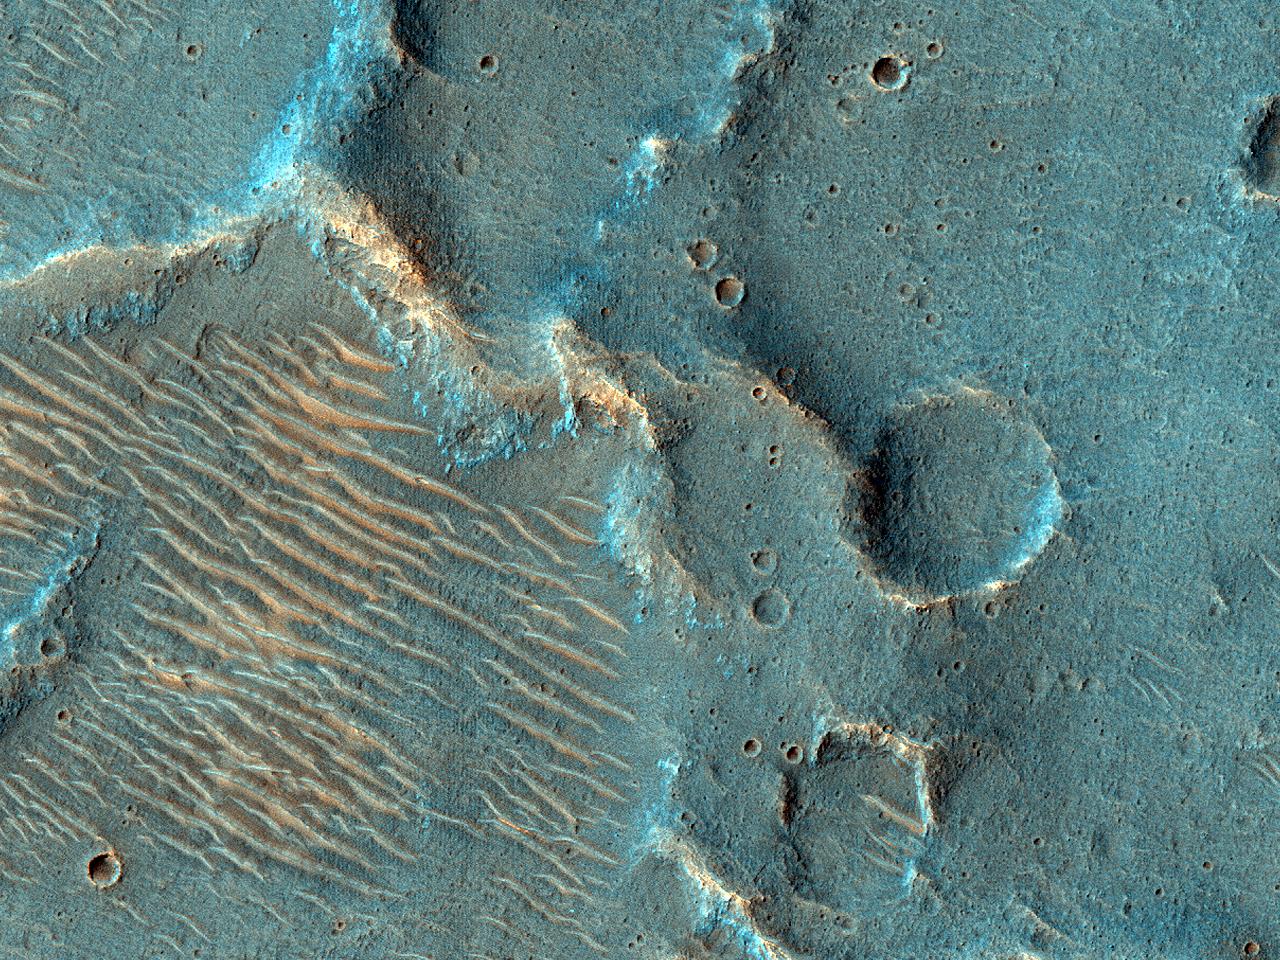 Positive Relief Features in Xanthe Terra